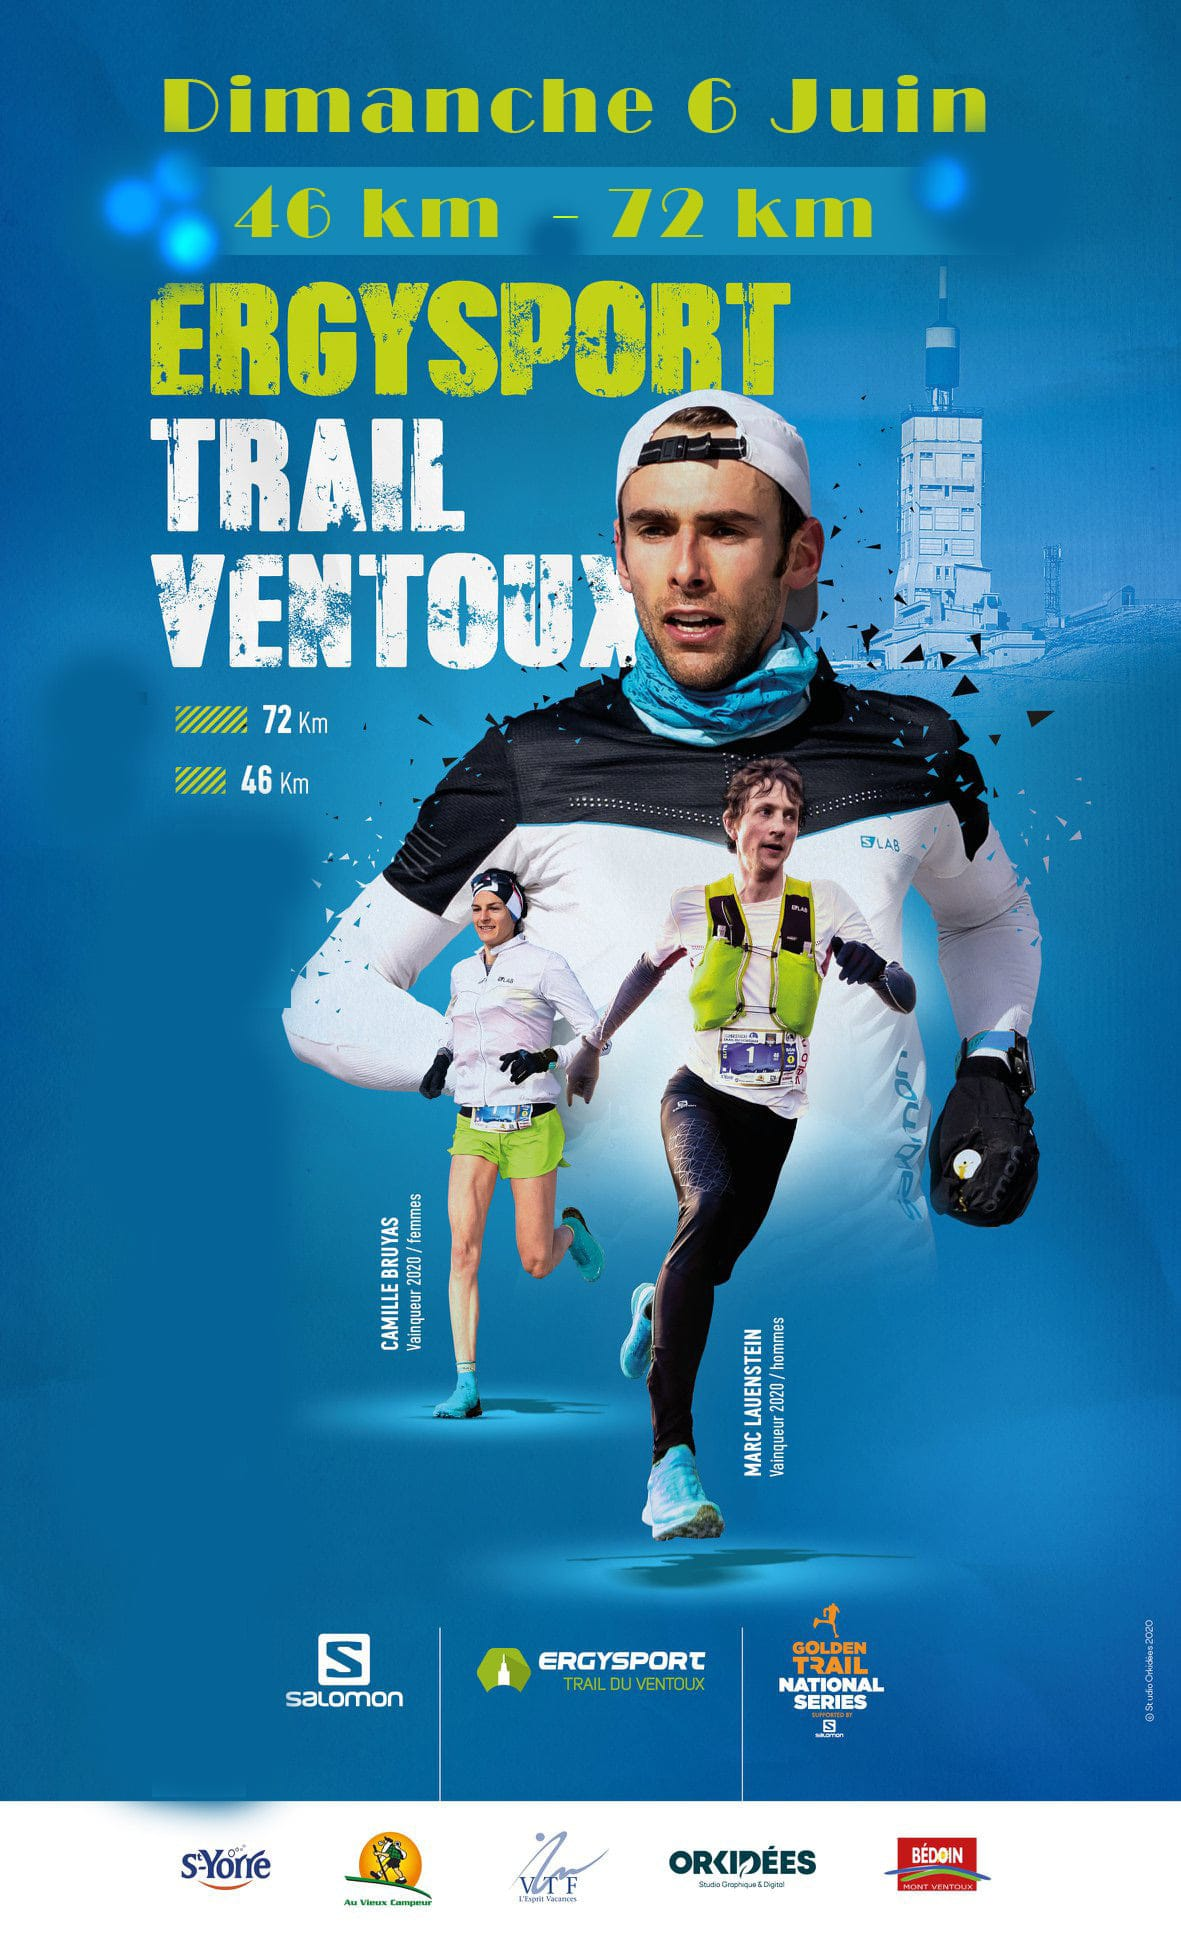 Ergysport Trail du Ventoux 2021